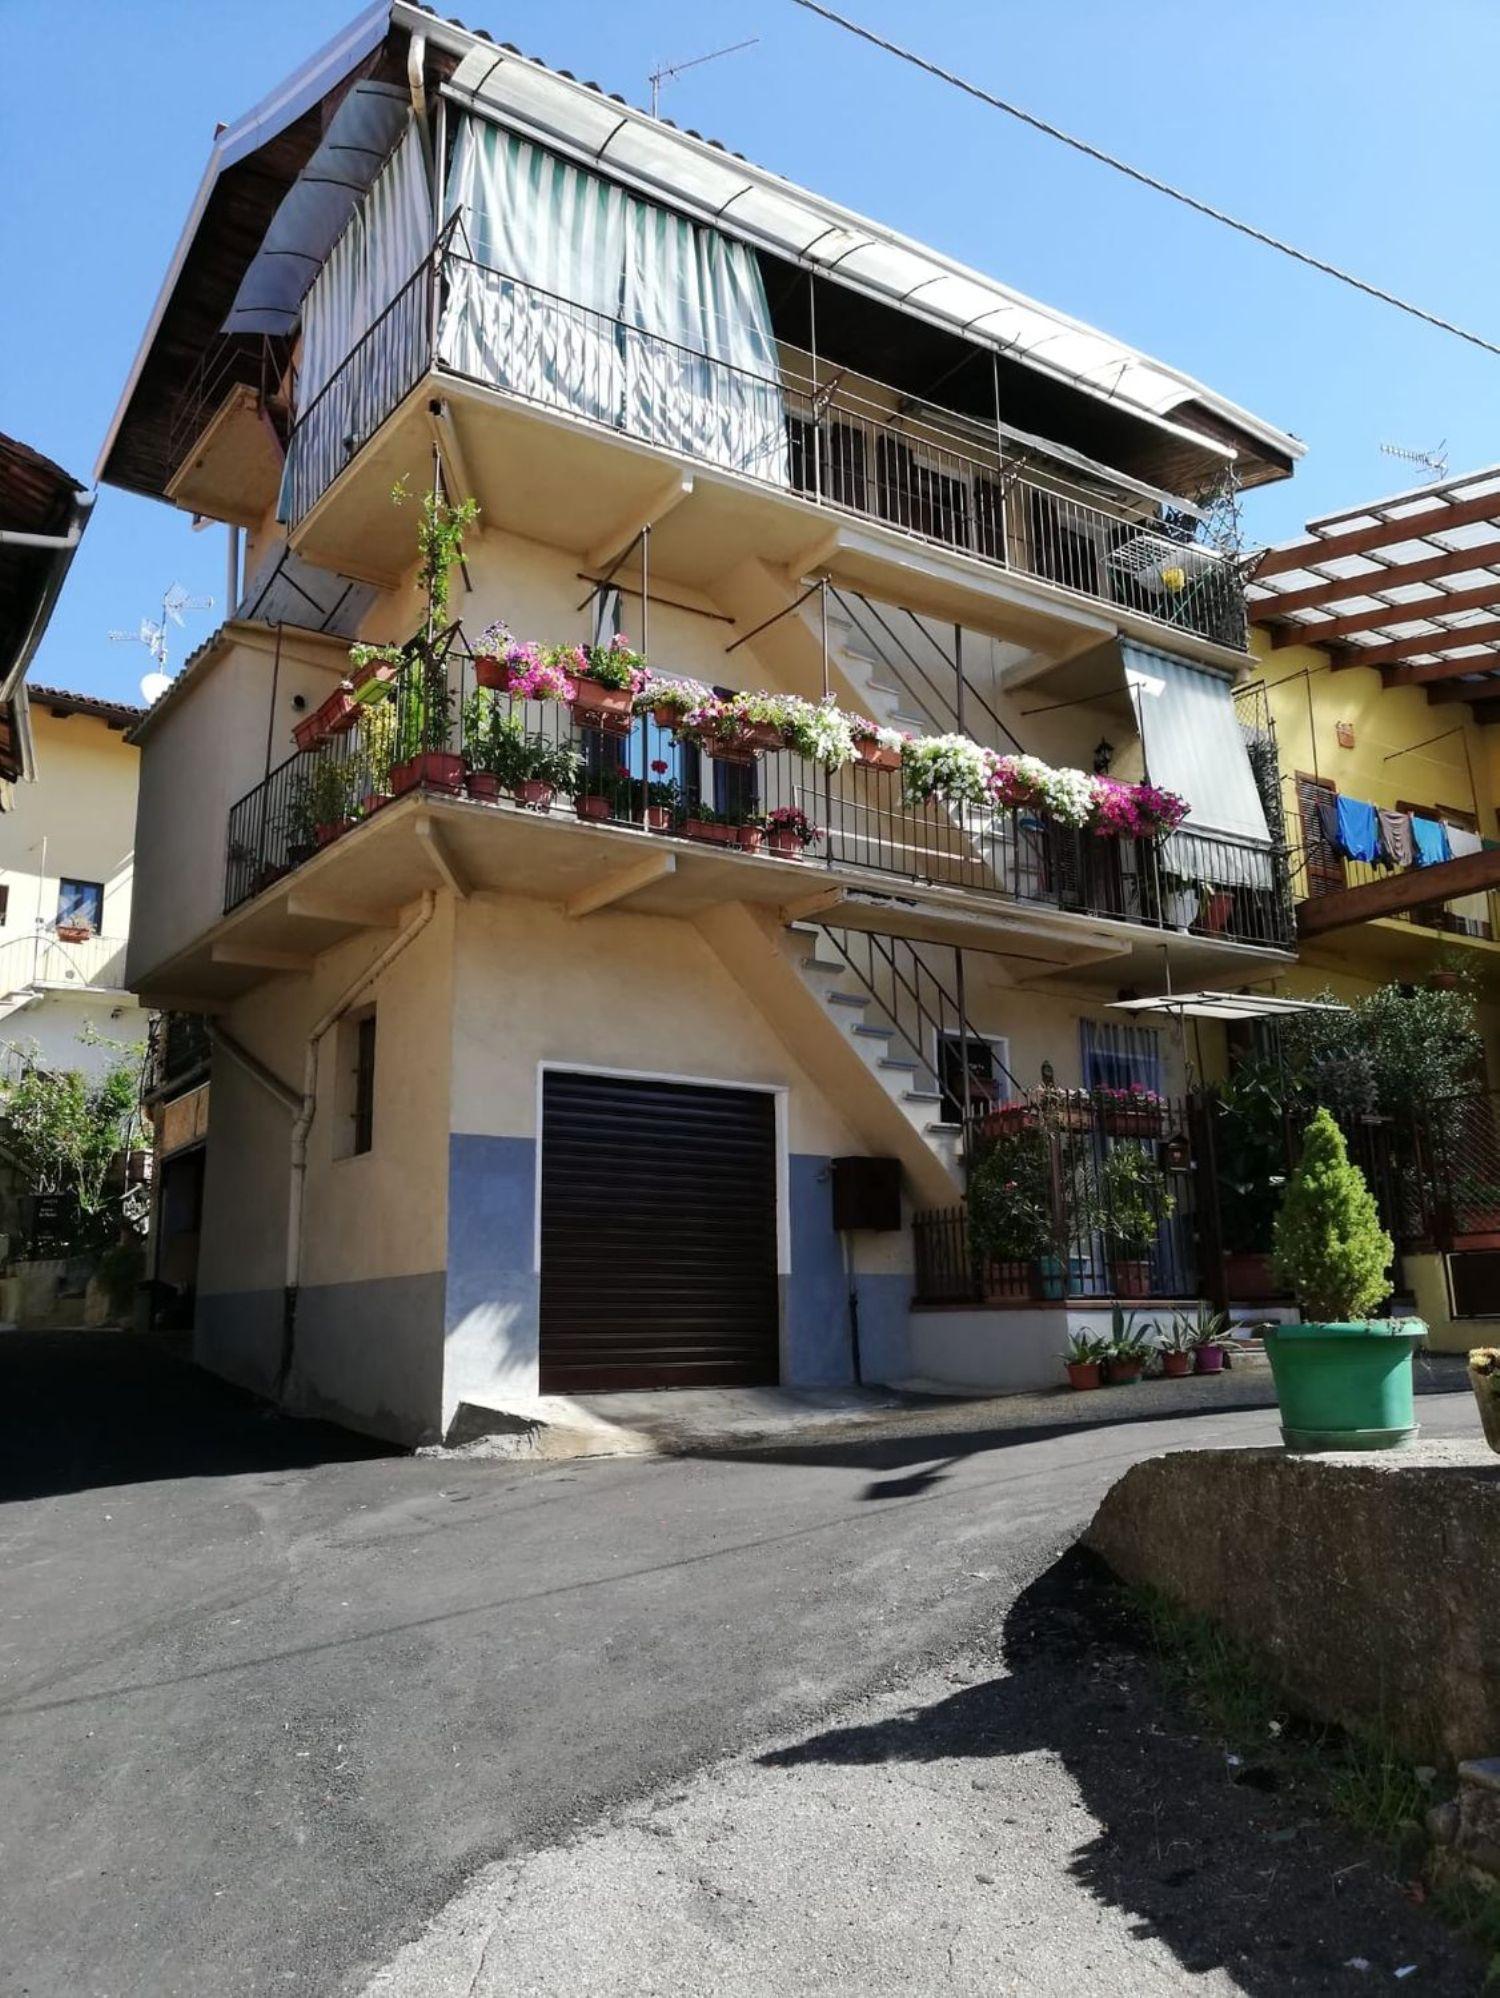 Casa / Villetta a schiera in vendita in via Imer Zona, 57, Cossato